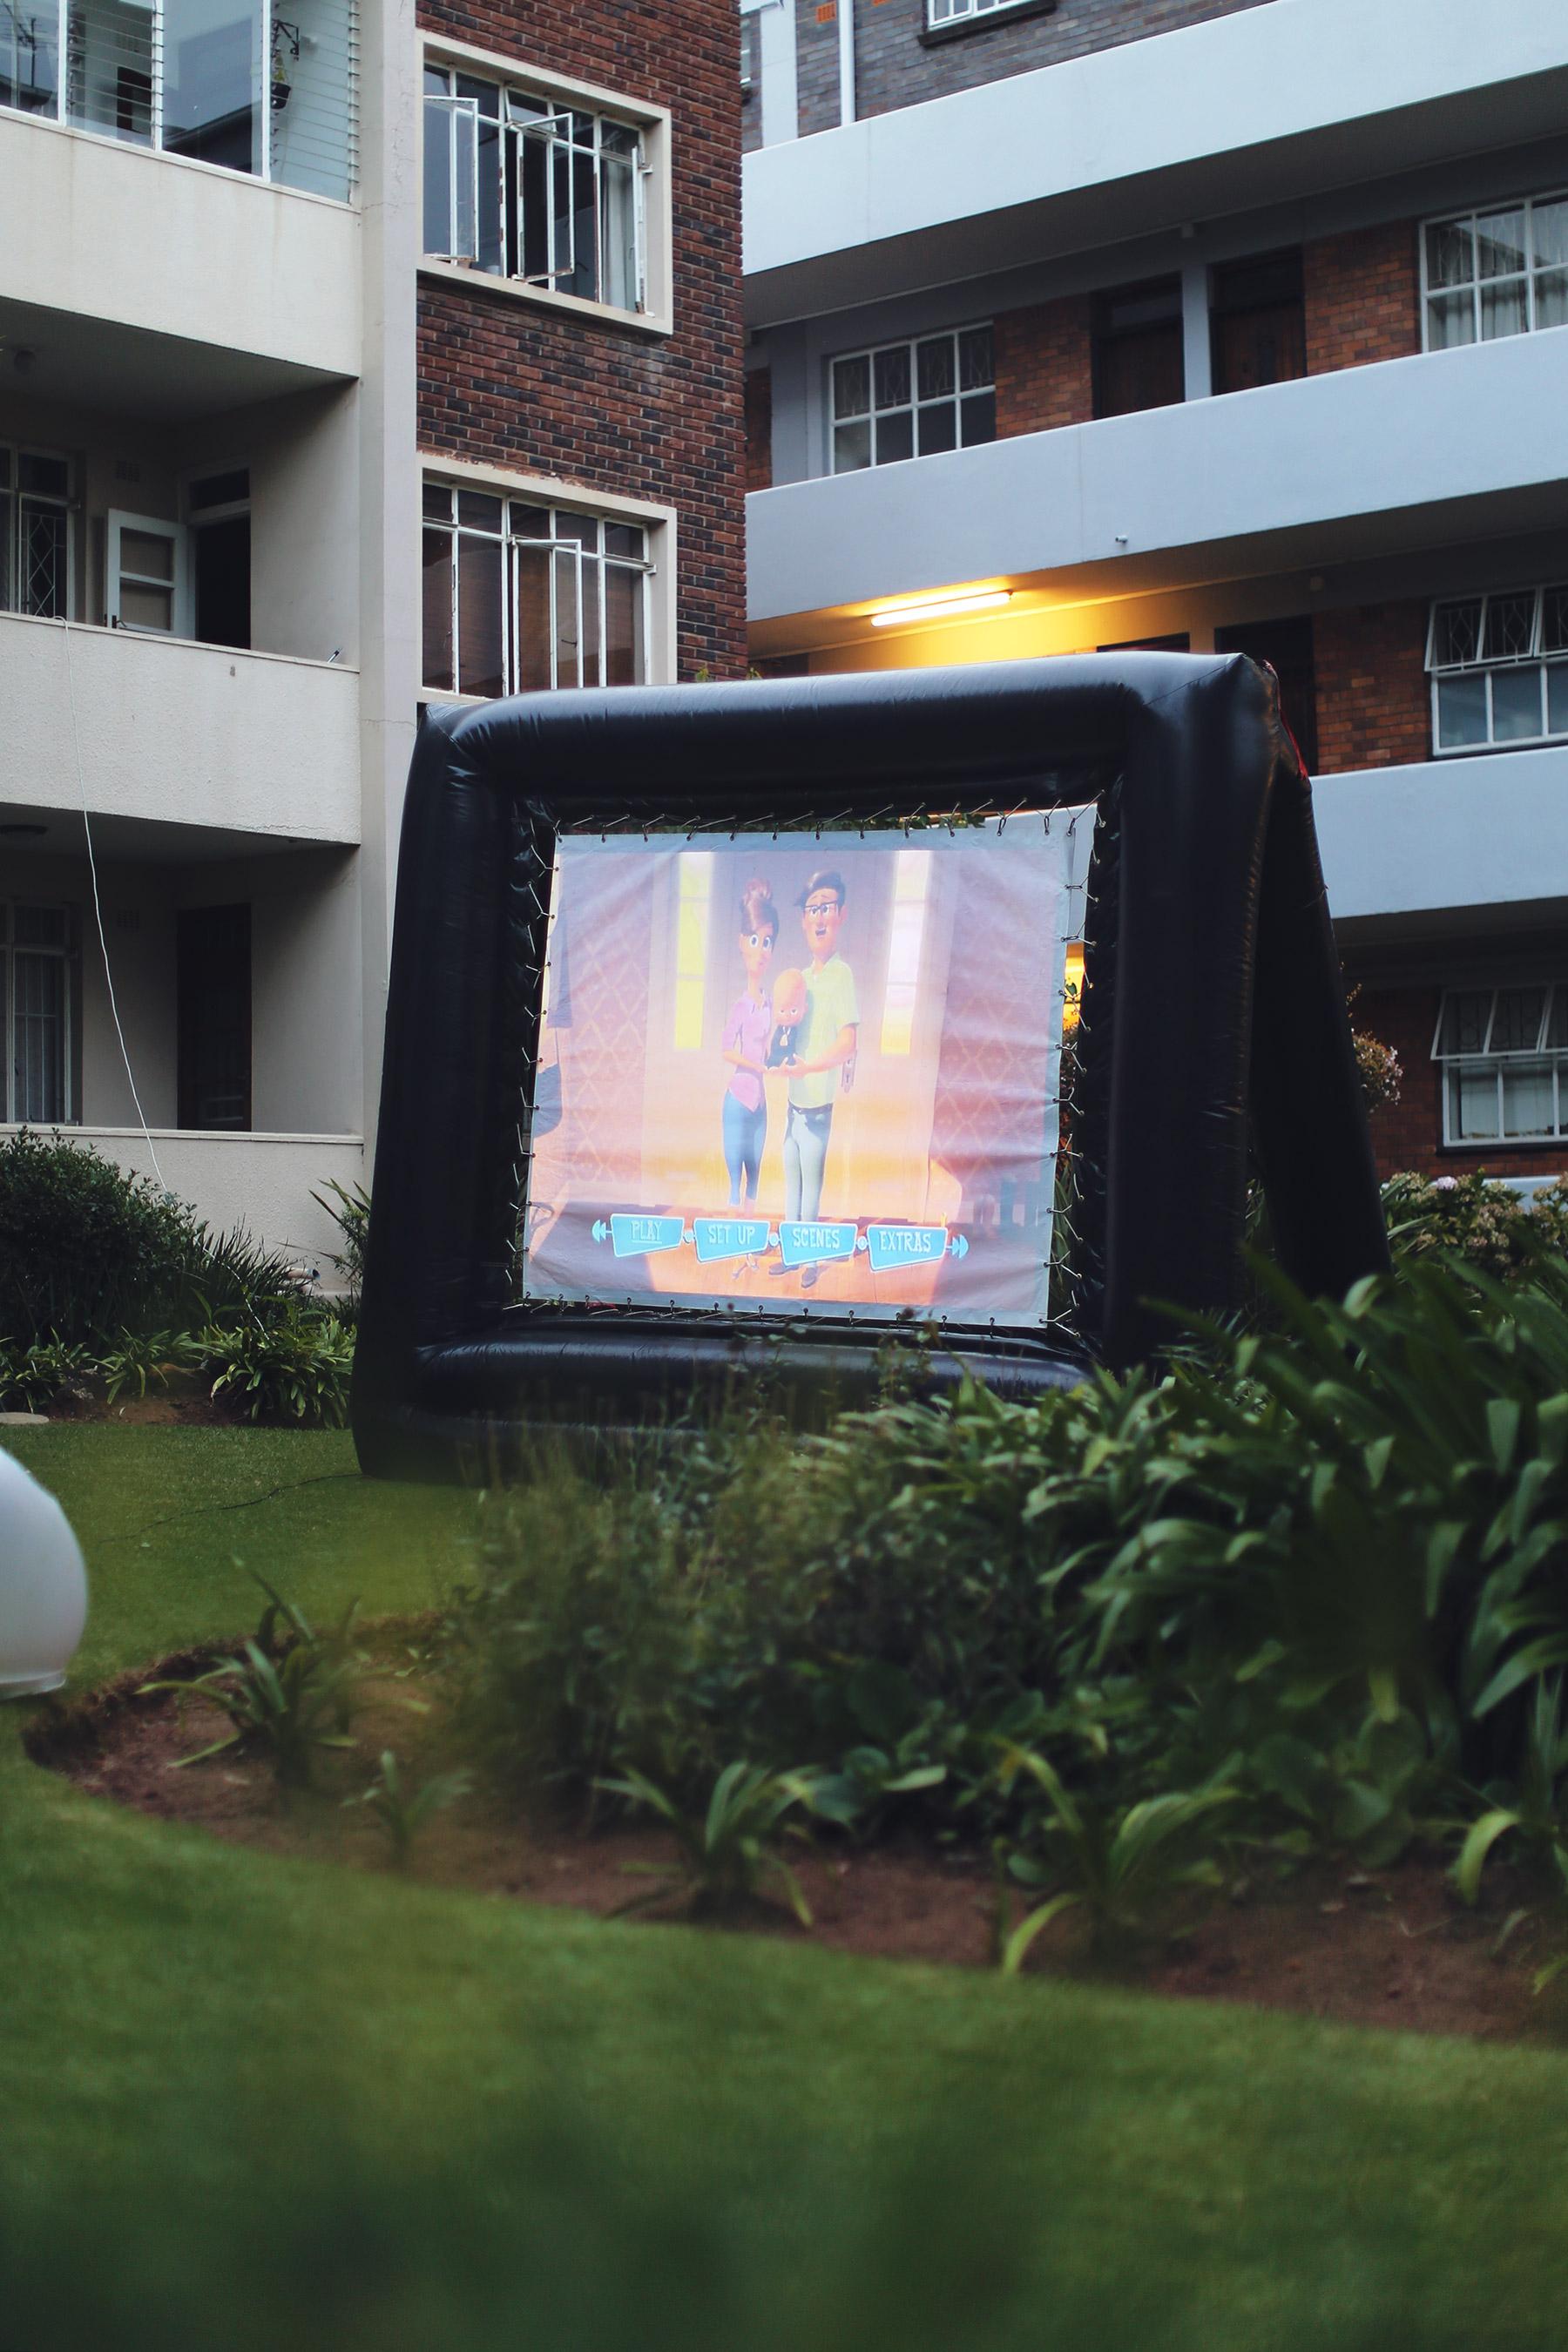 outdoor-cinema-7